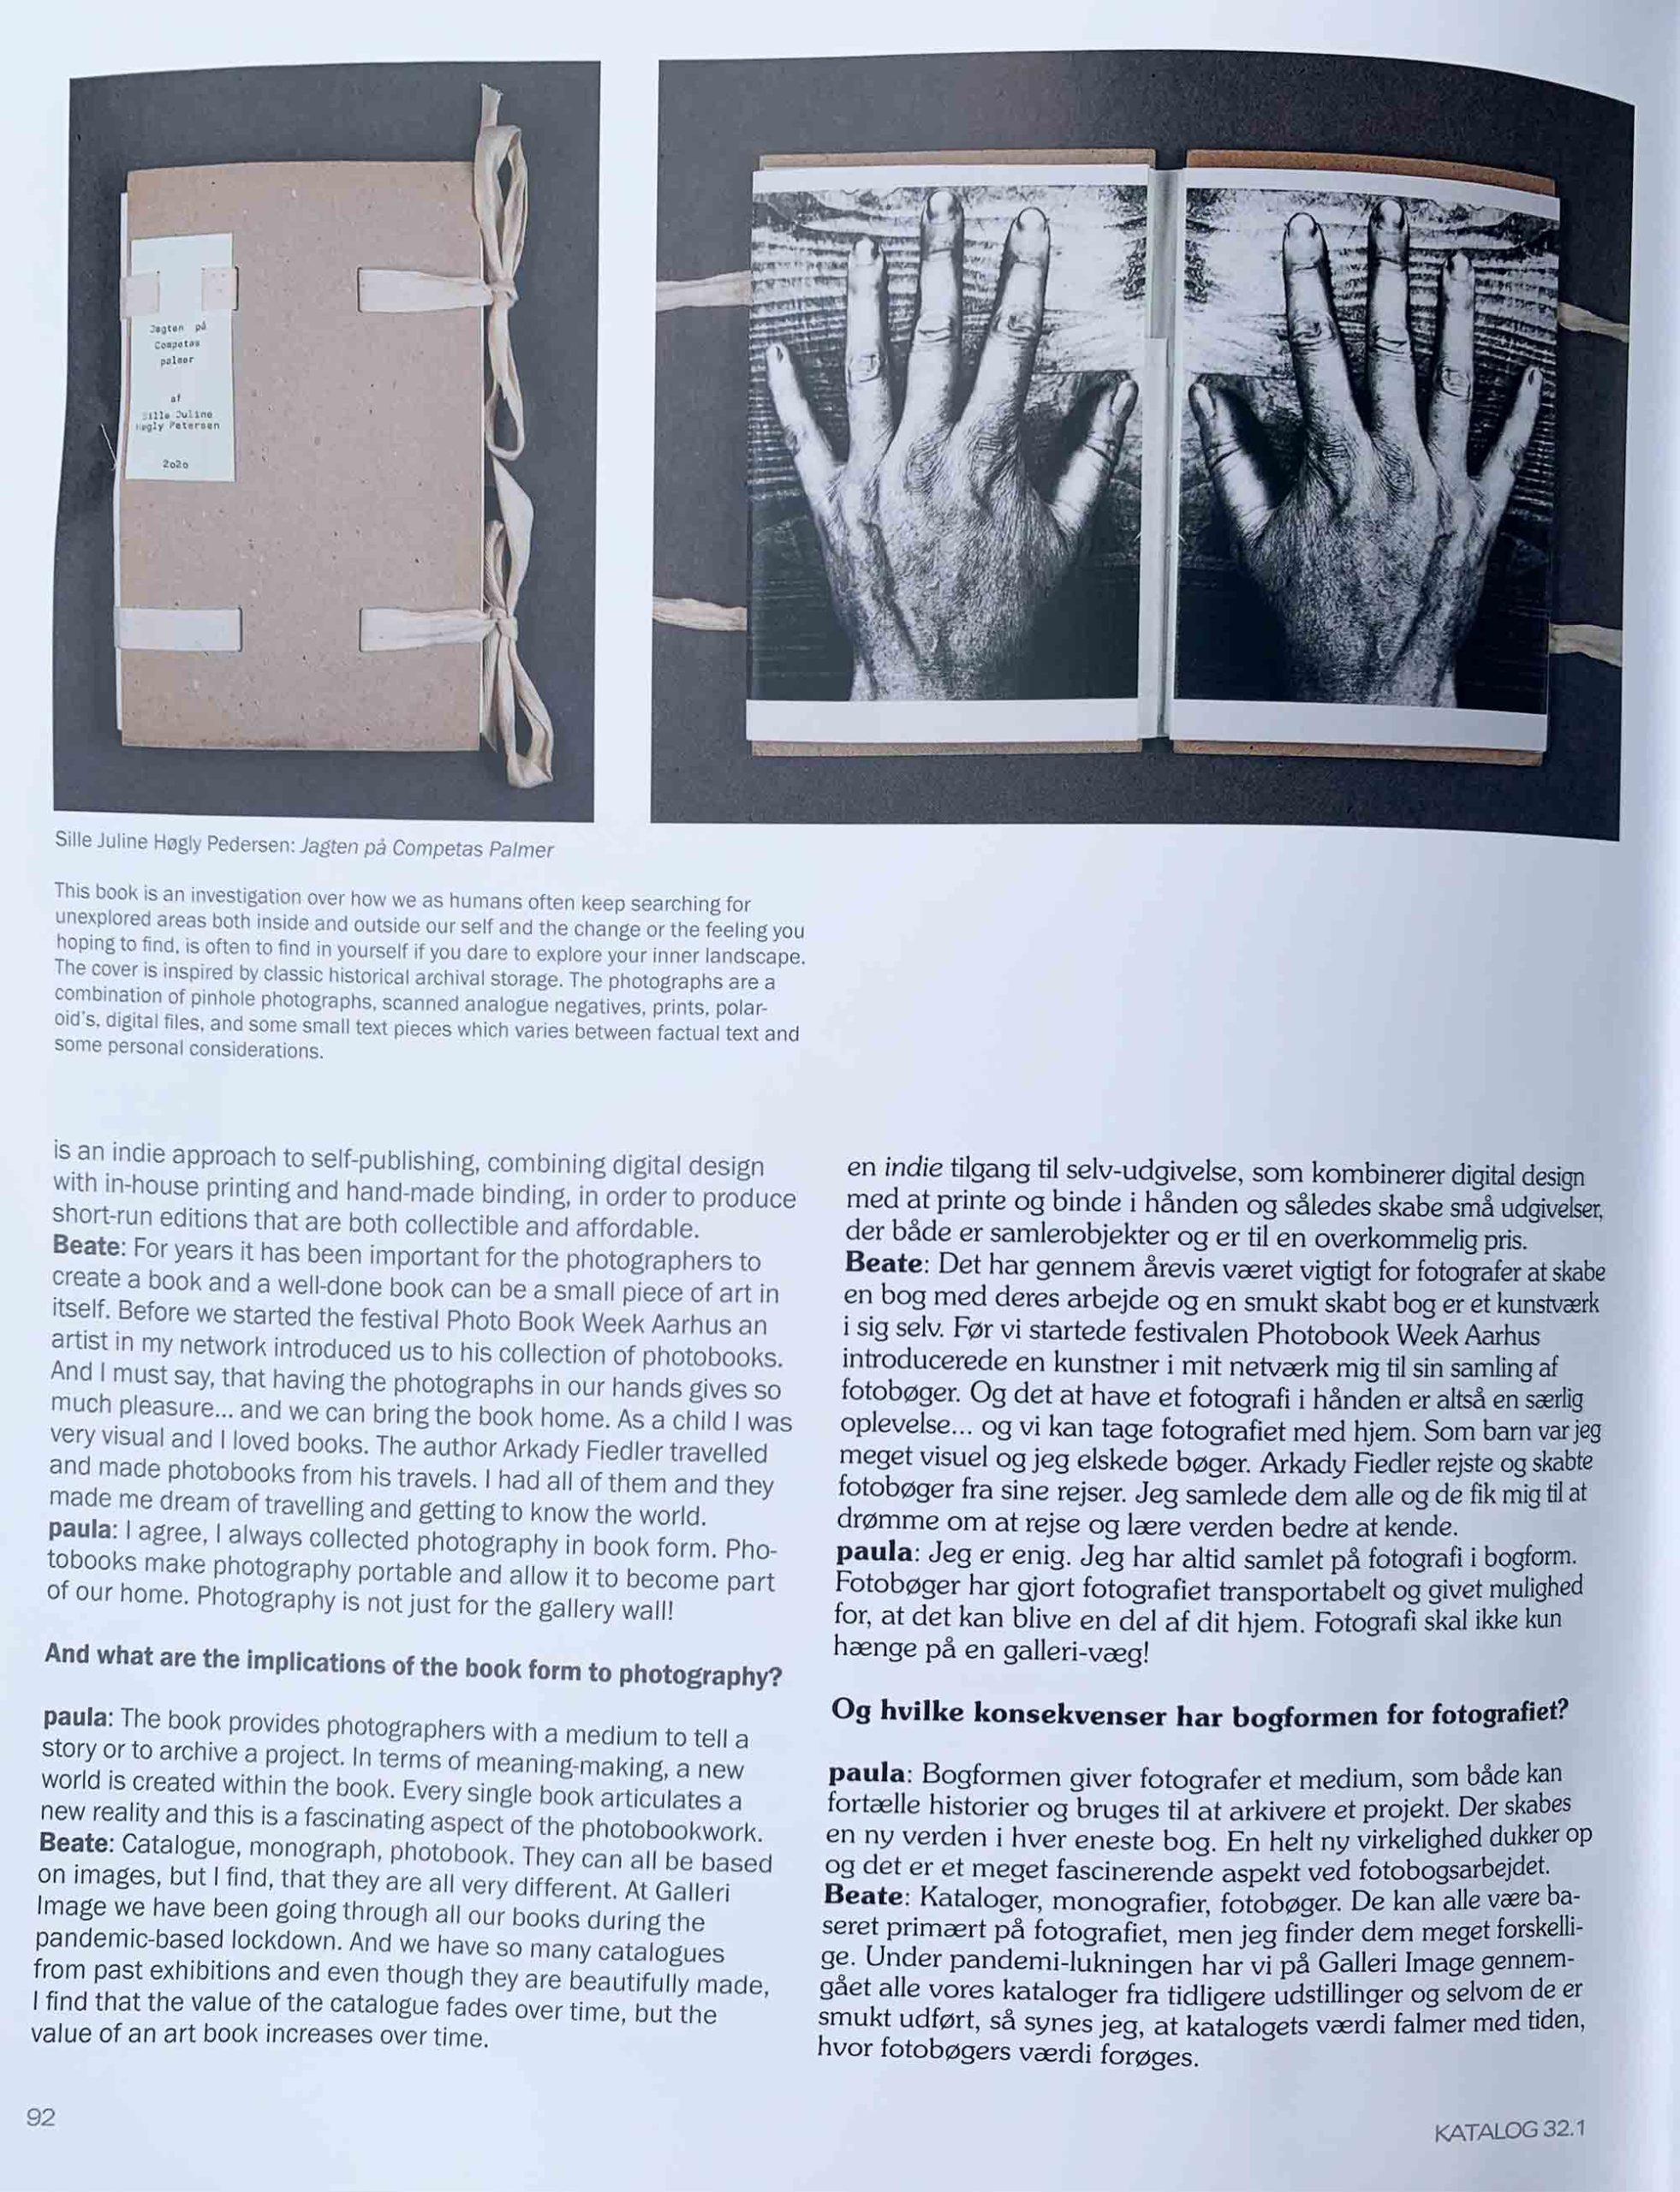 page-turner-photobook-katalog-5